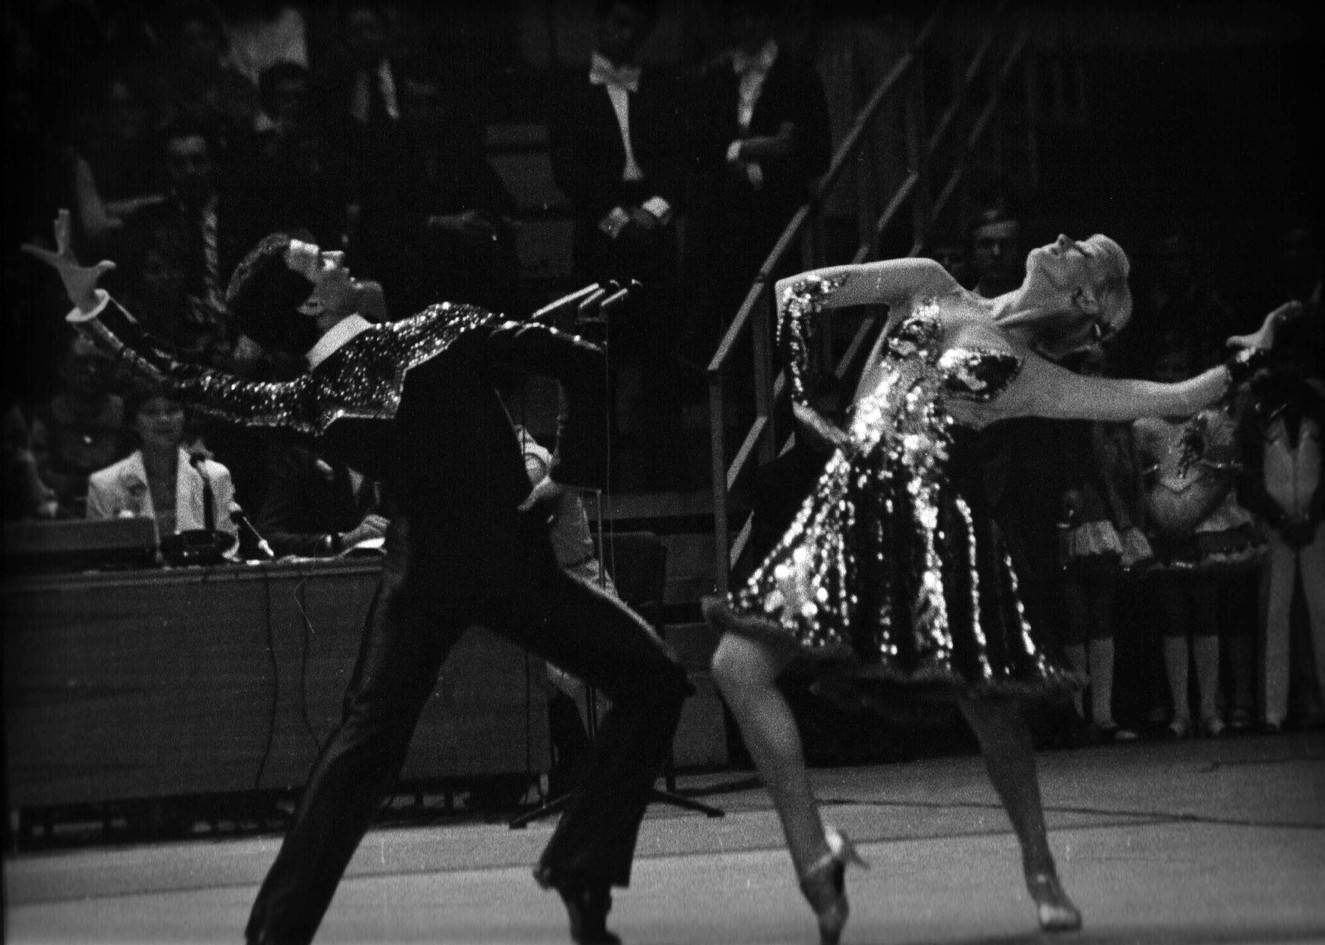 Станислав и Людмиоа Поповы, Чемпионат социалистических стран 1979, четвертый танец финала, пасодобль.